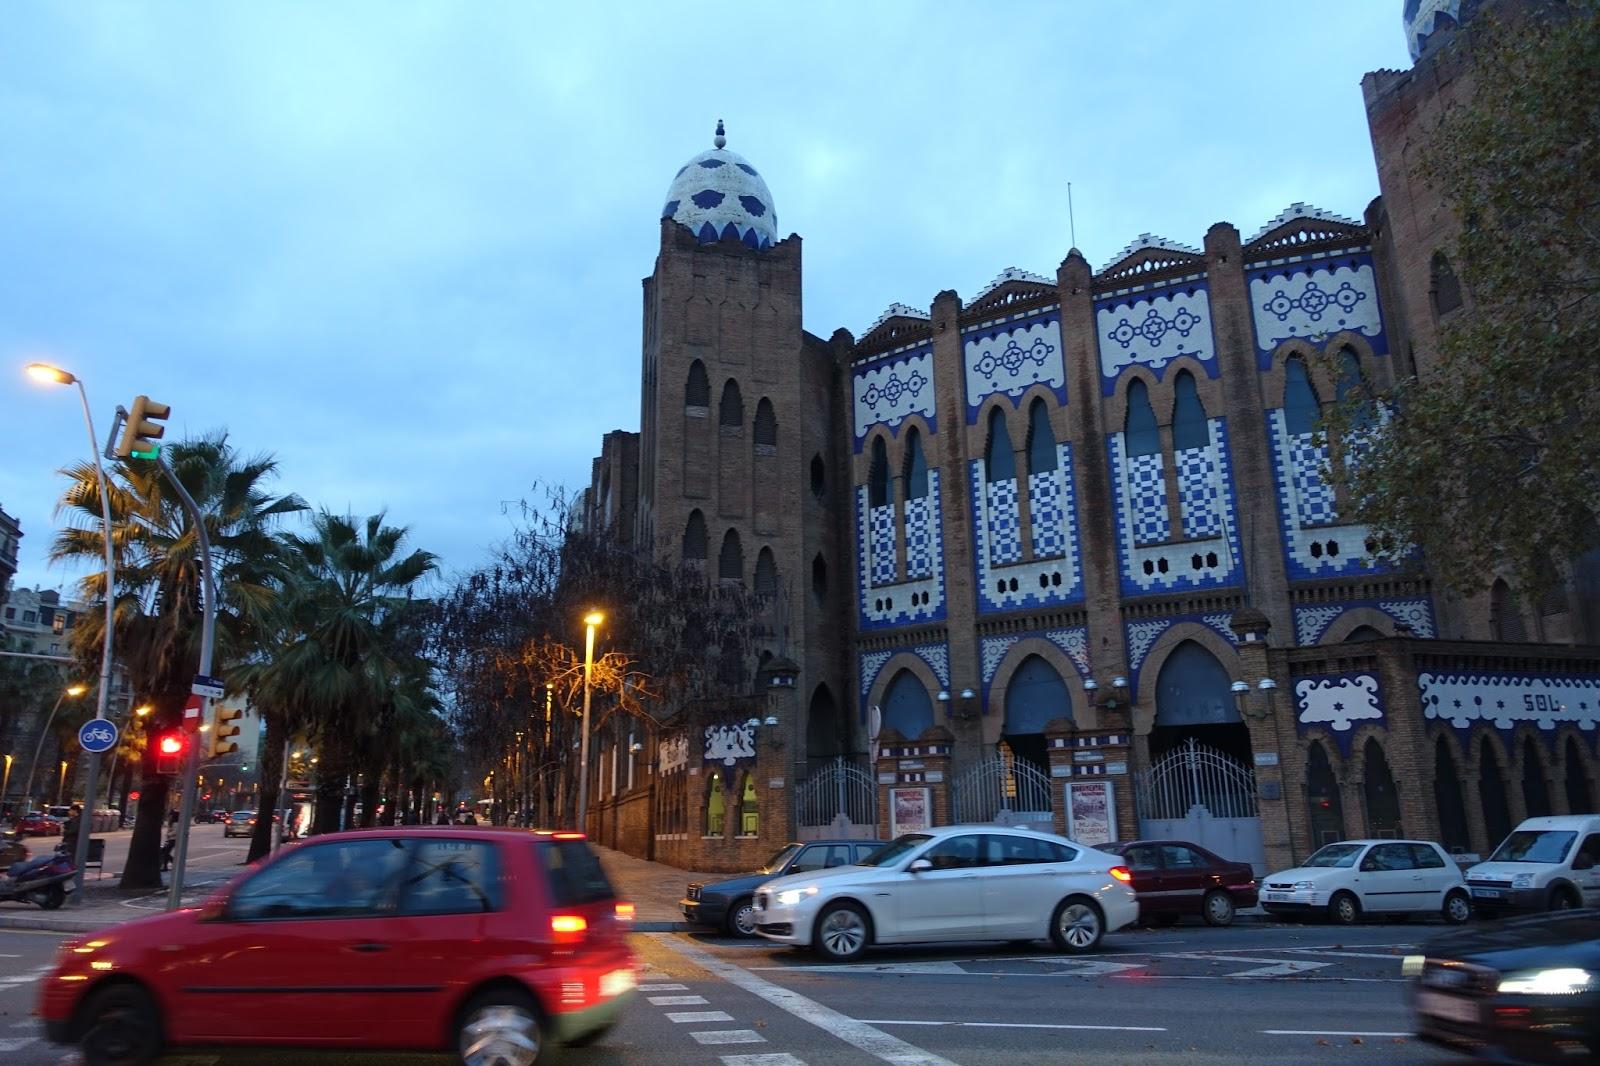 モヌメンタル闘牛場(Placa de Toros Monumental)